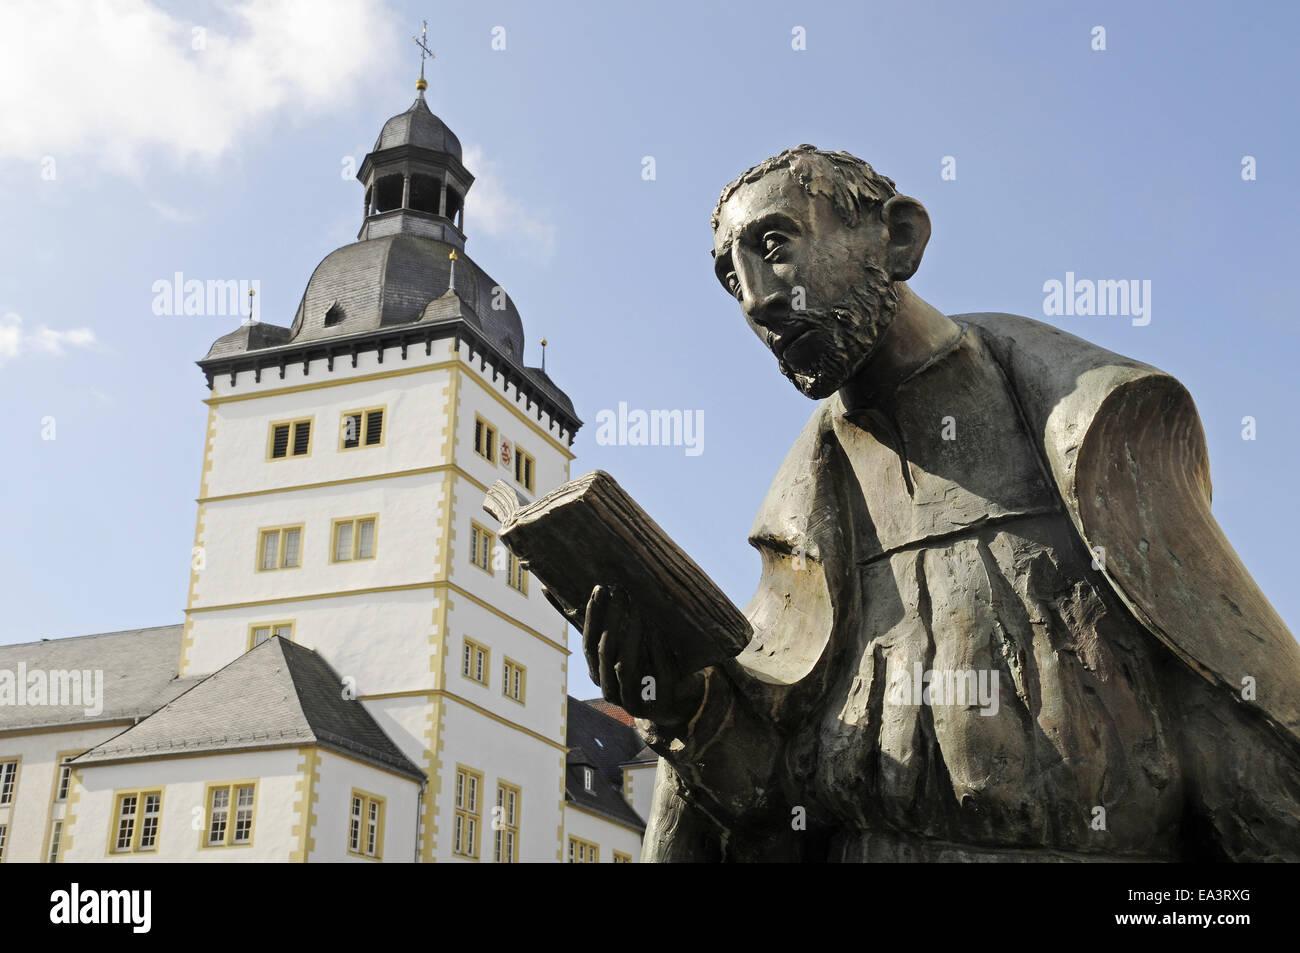 Friedrich von Spee, memorial, Paderborn, Germany - Stock Image